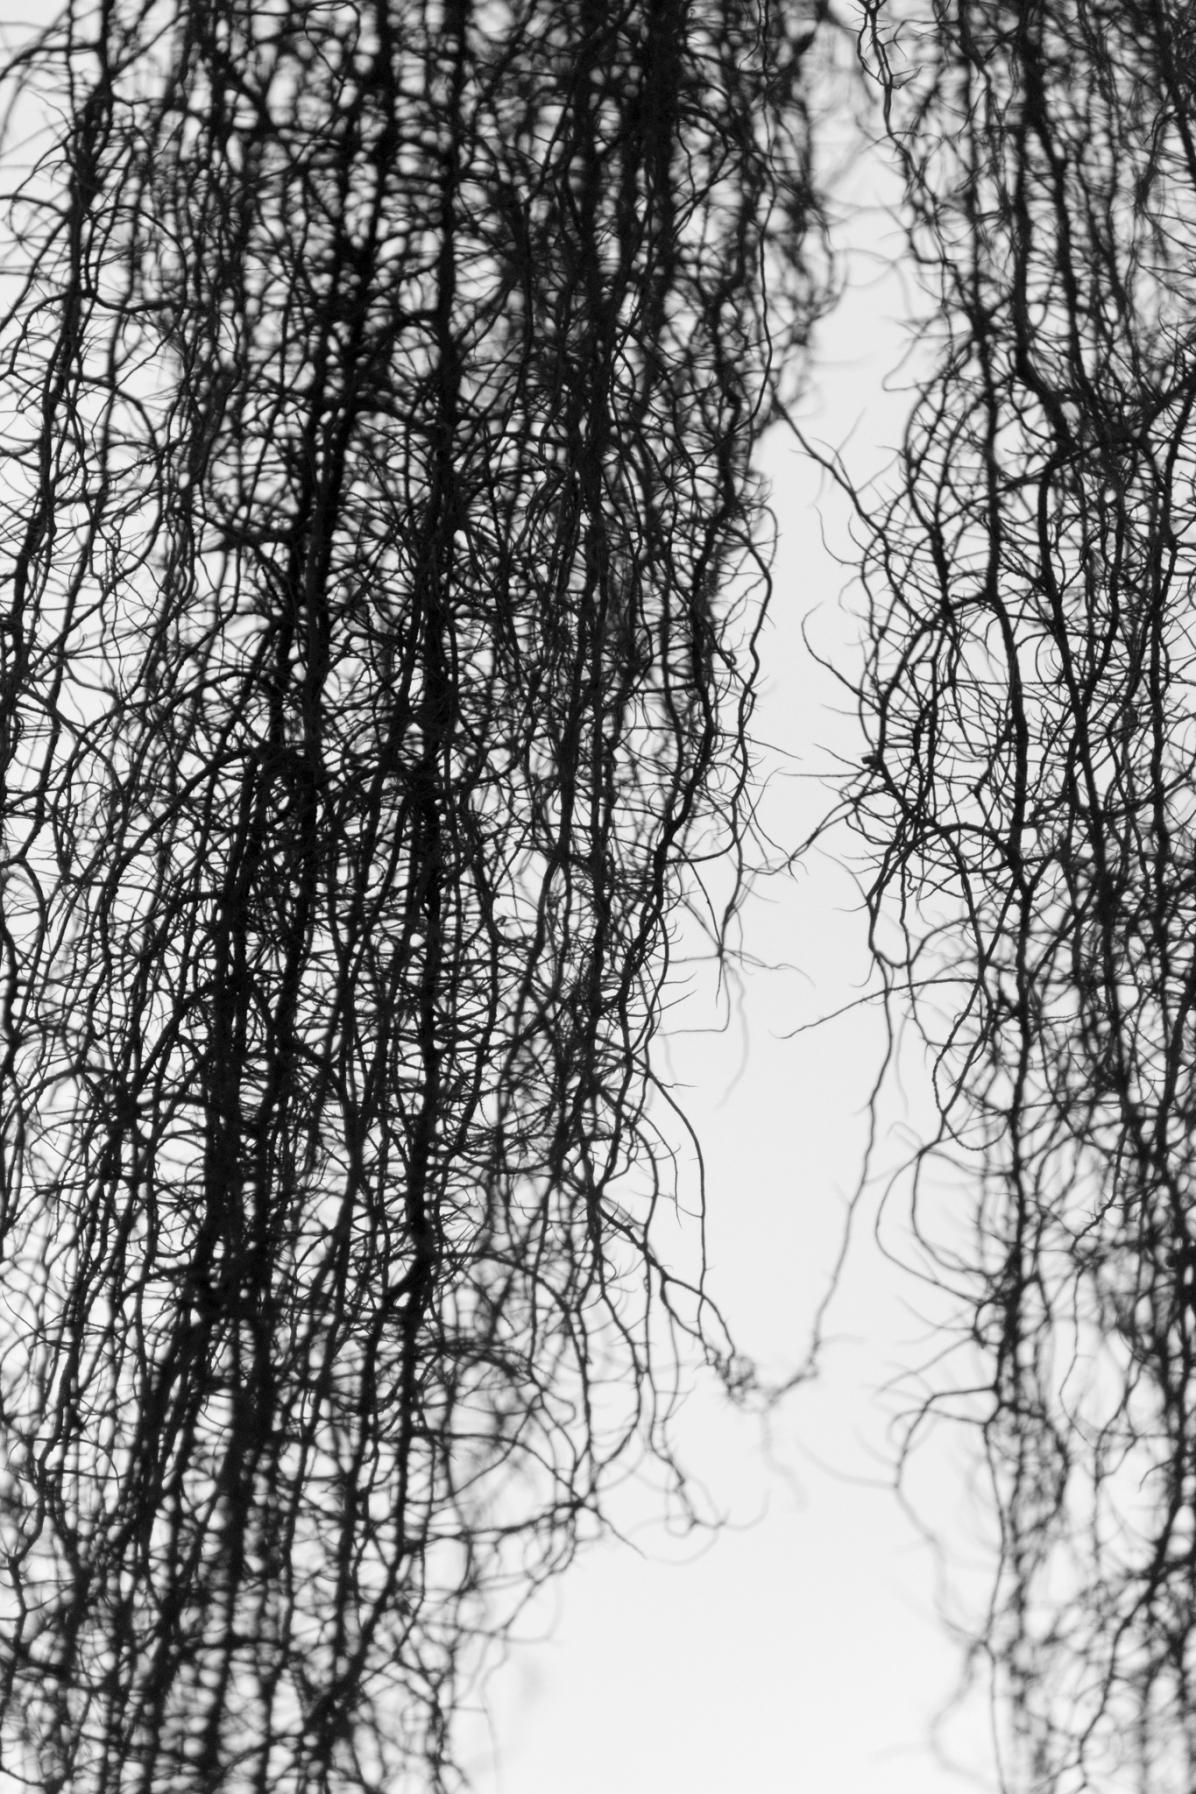 102217bw-hanging moss-bw